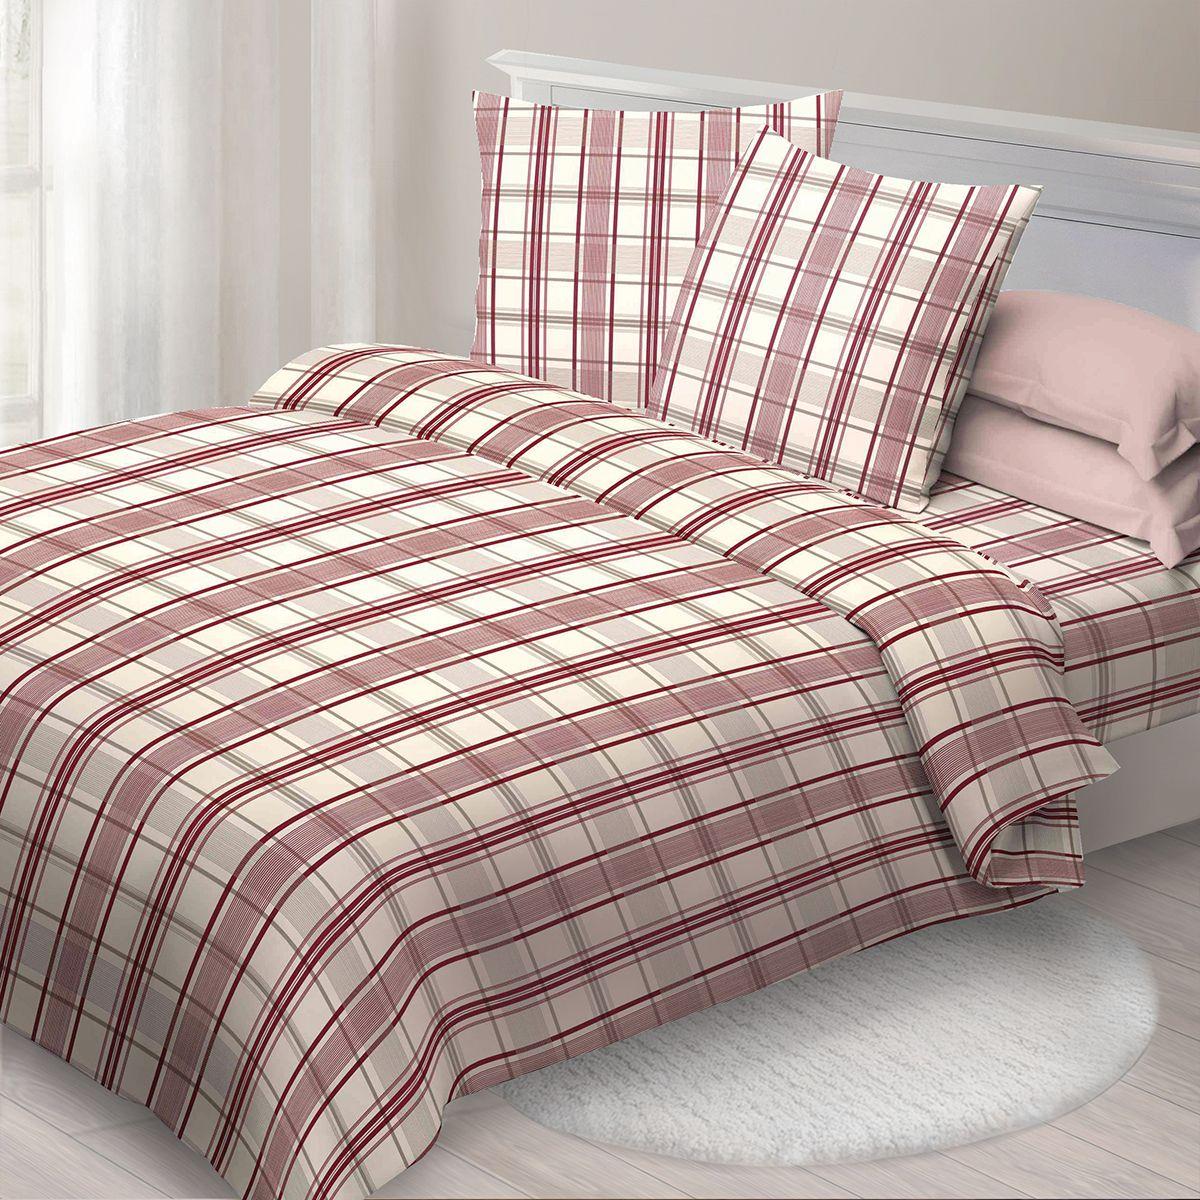 Комплект белья Спал Спалыч Ричард, cемейный, наволочки 70х70. 91322 комплект постельного белья 1 5 спал спалыч рис 4084 1 карамель